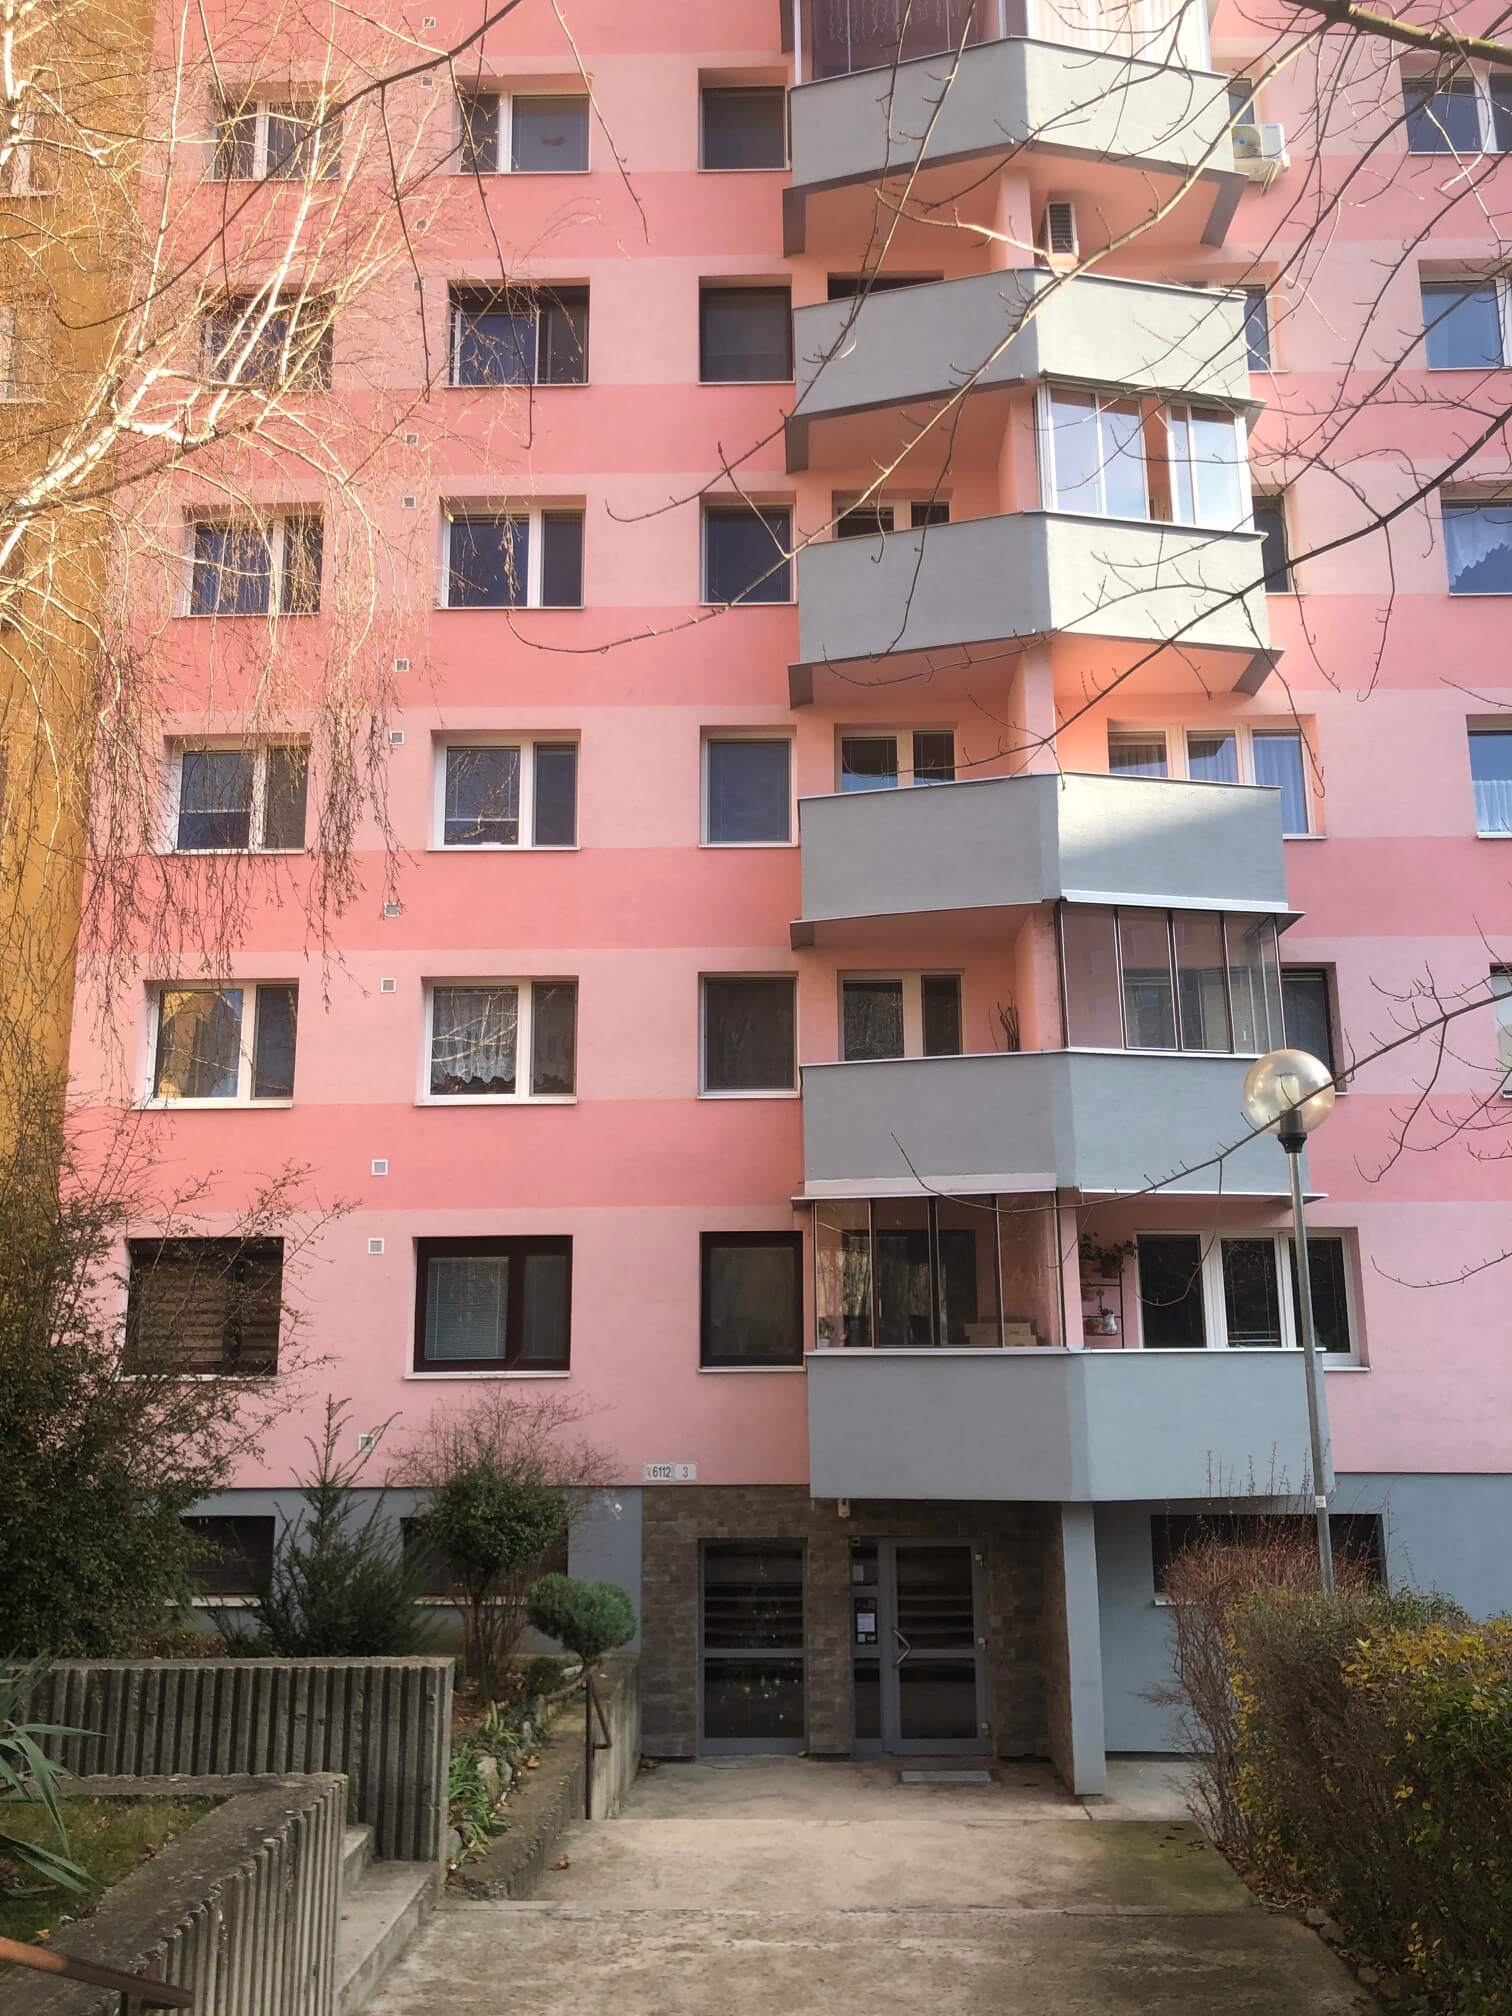 Predané: Exkluzívne na predaj 3 izbový byt, Devínska Nová Ves, Jána Poničana 3, 65m2, balkon 4m2,klimatizácia-14